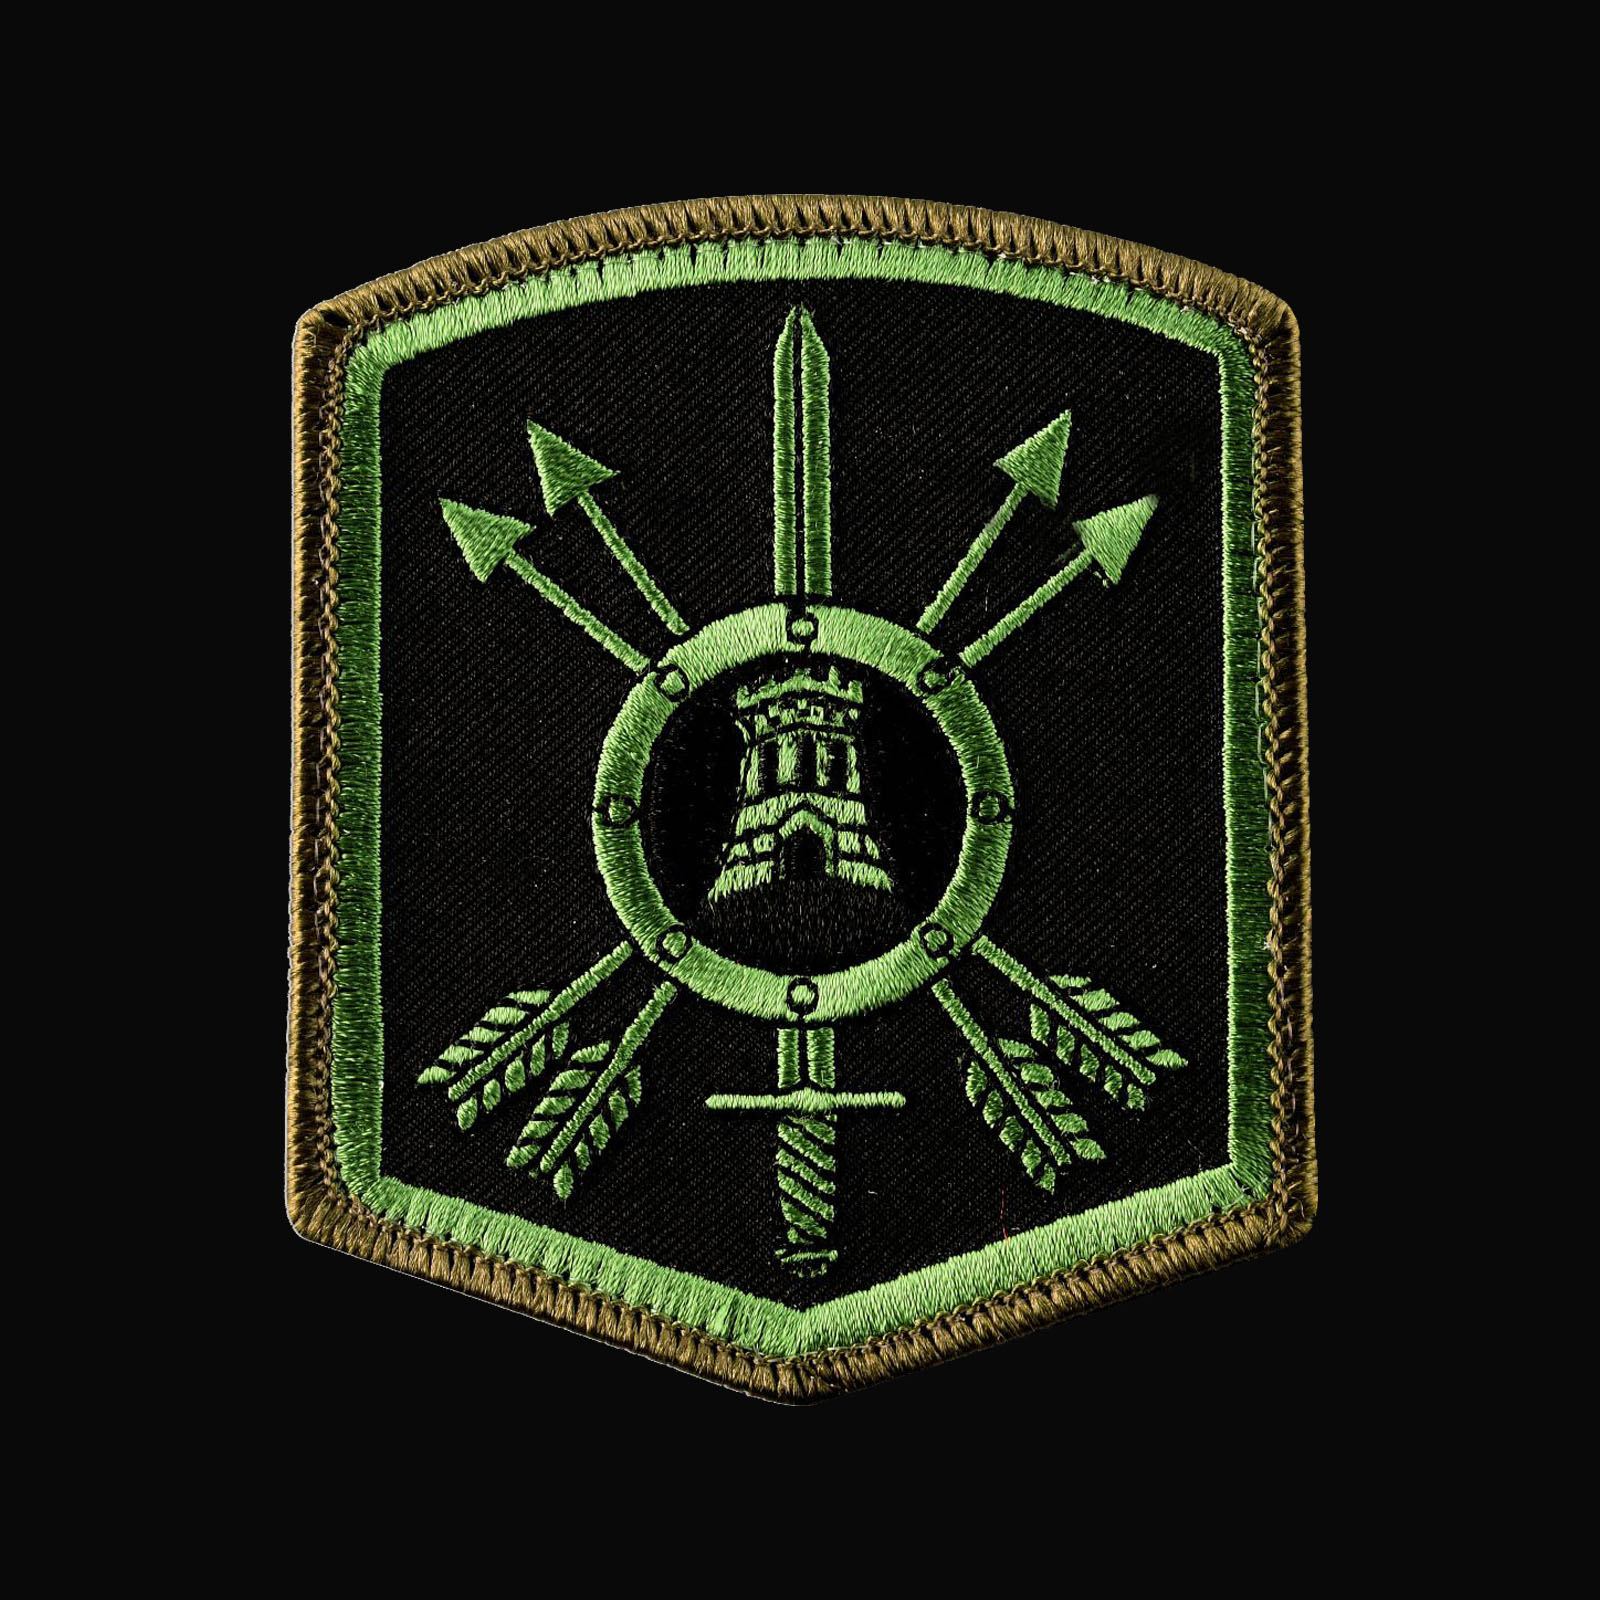 Толстовка 33-я гвардейская ракетная дивизия